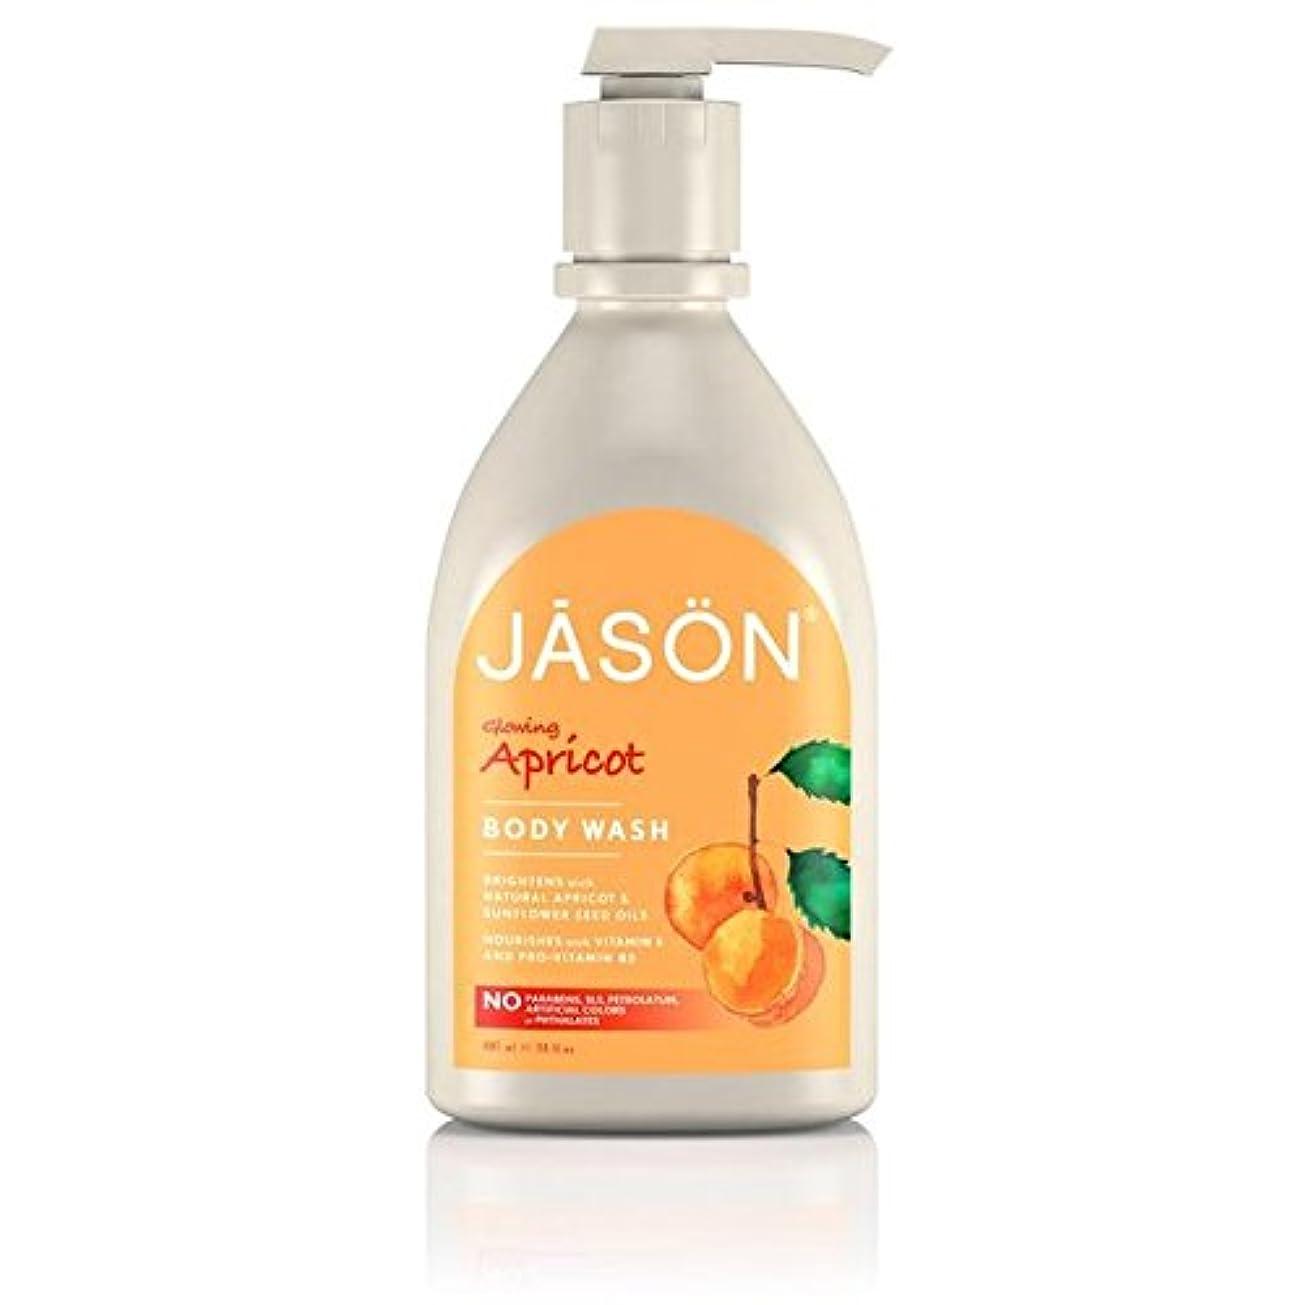 豊かな電子抑圧者Jason Apricot Satin Body Wash Pump 900ml (Pack of 6) - ジェイソン?アプリコットサテンボディウォッシュポンプ900ミリリットル x6 [並行輸入品]